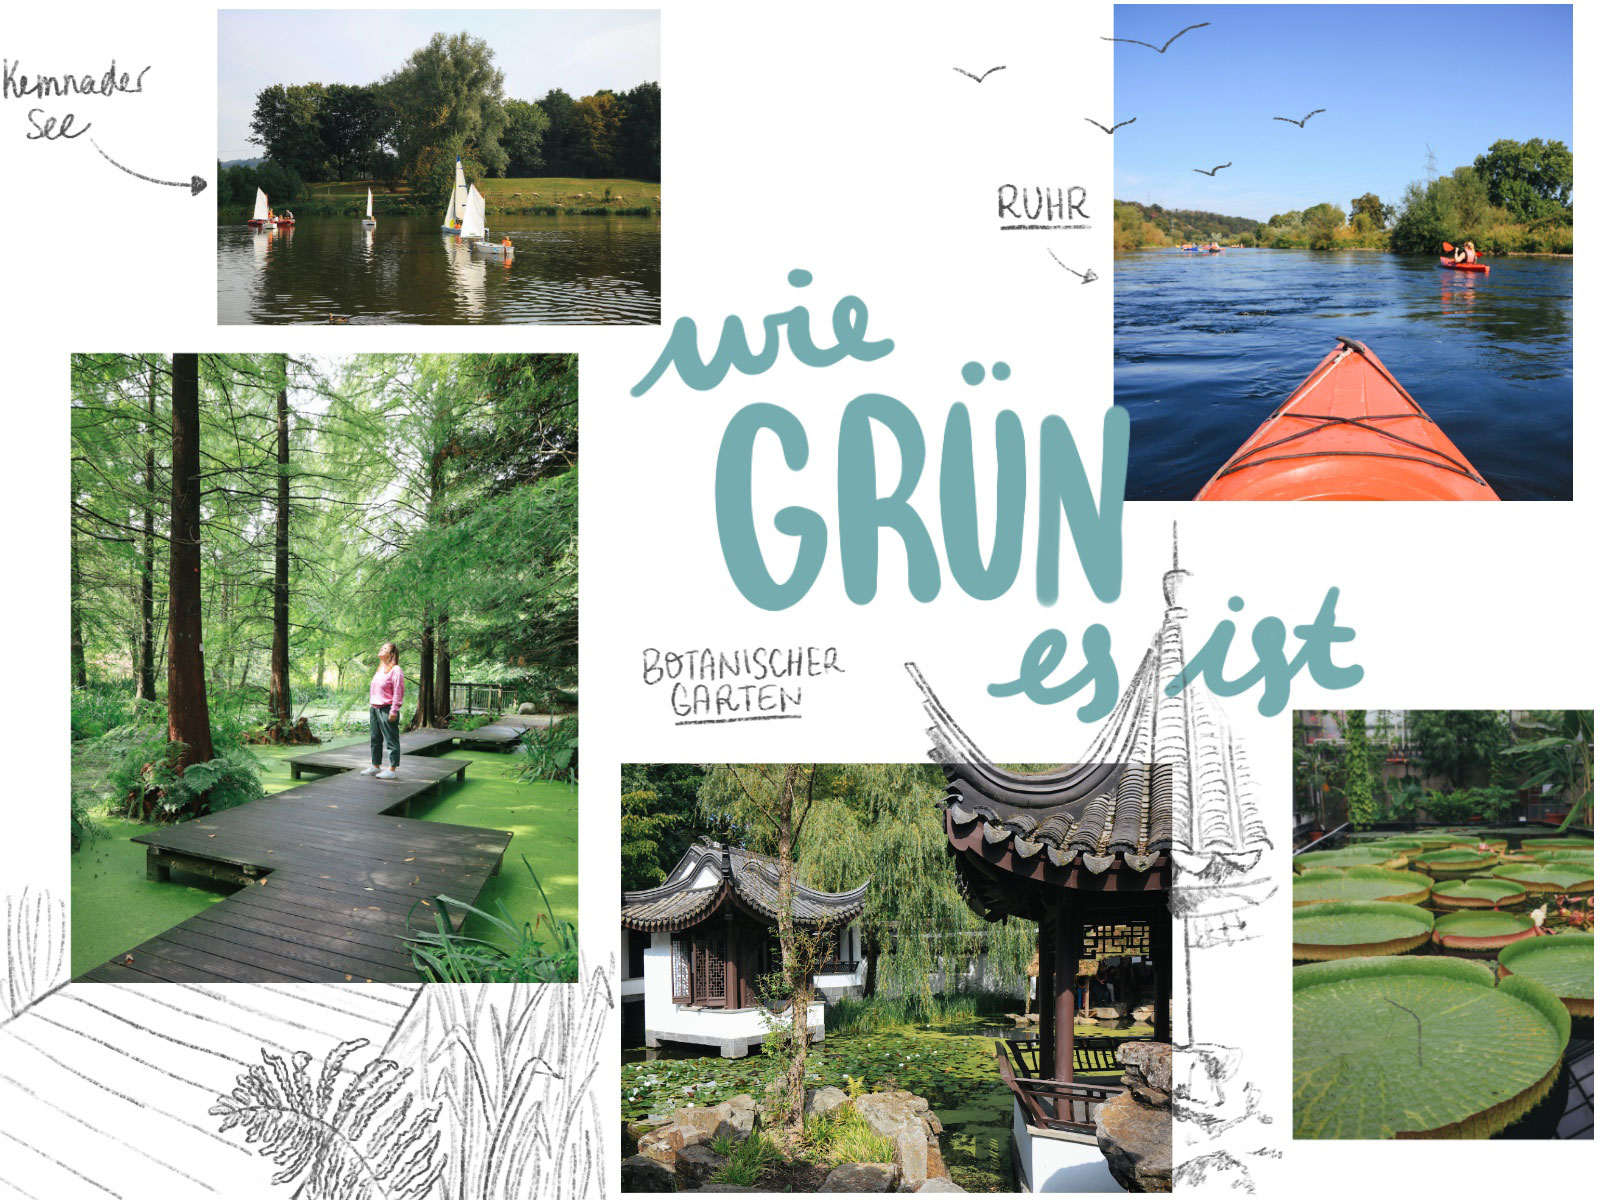 Grün Ruhrgebeit bitanischer garten ruhrpark Kemnader See